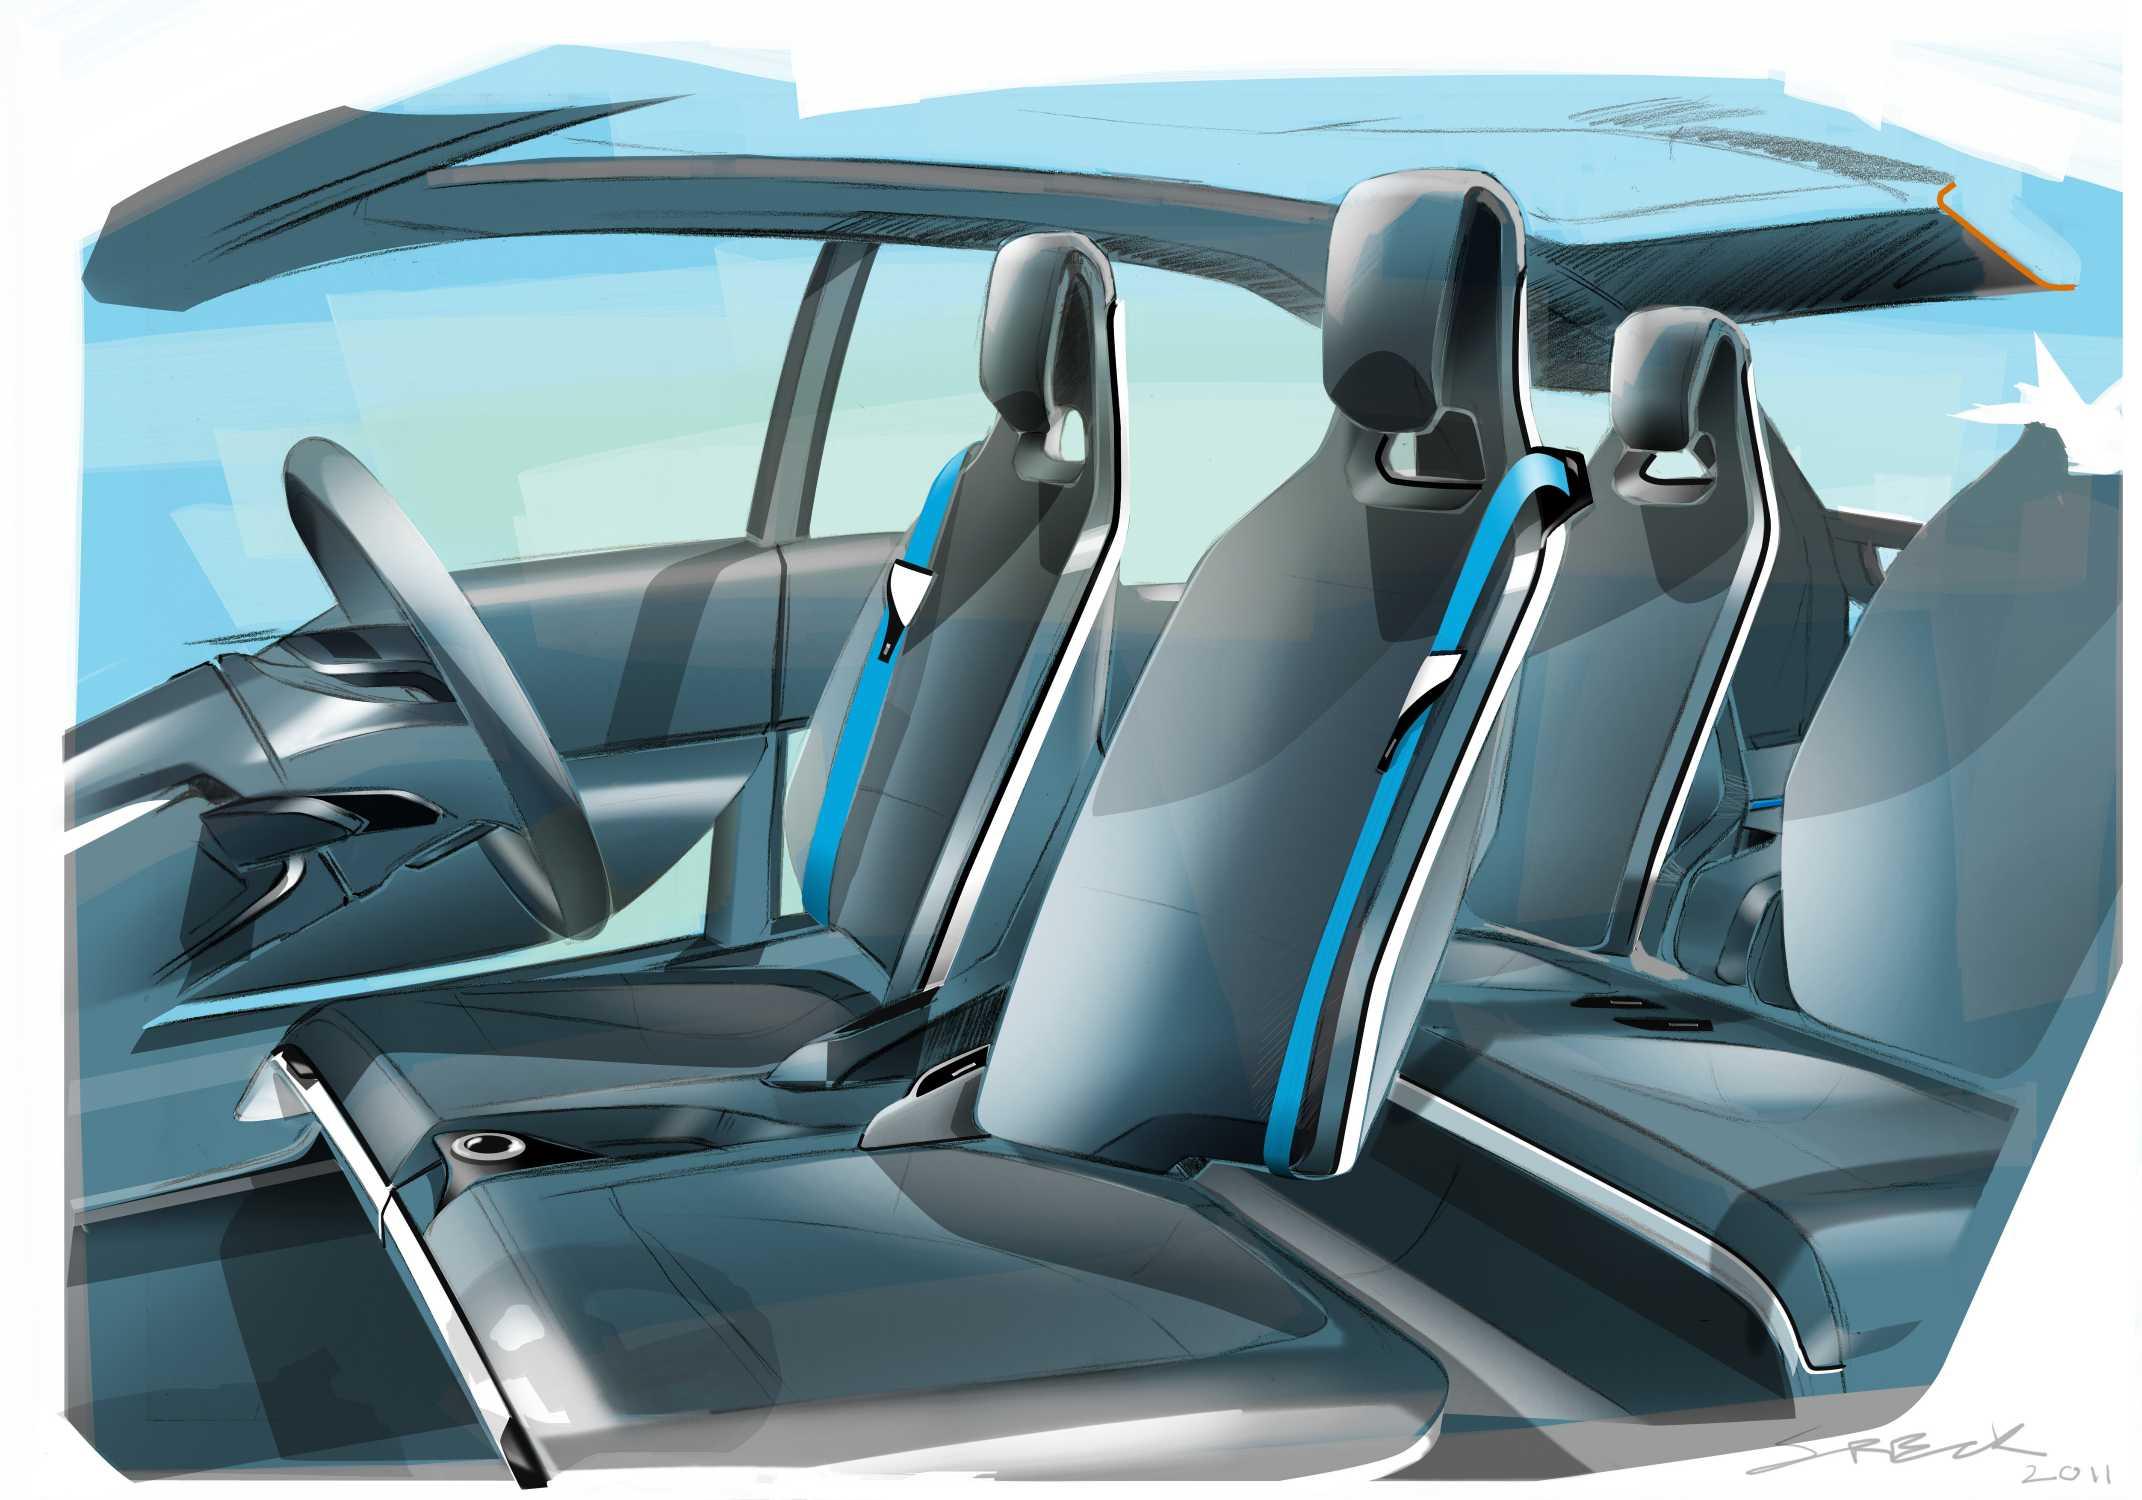 BMW i3 Concept, Interior Design sketch (07/2011)